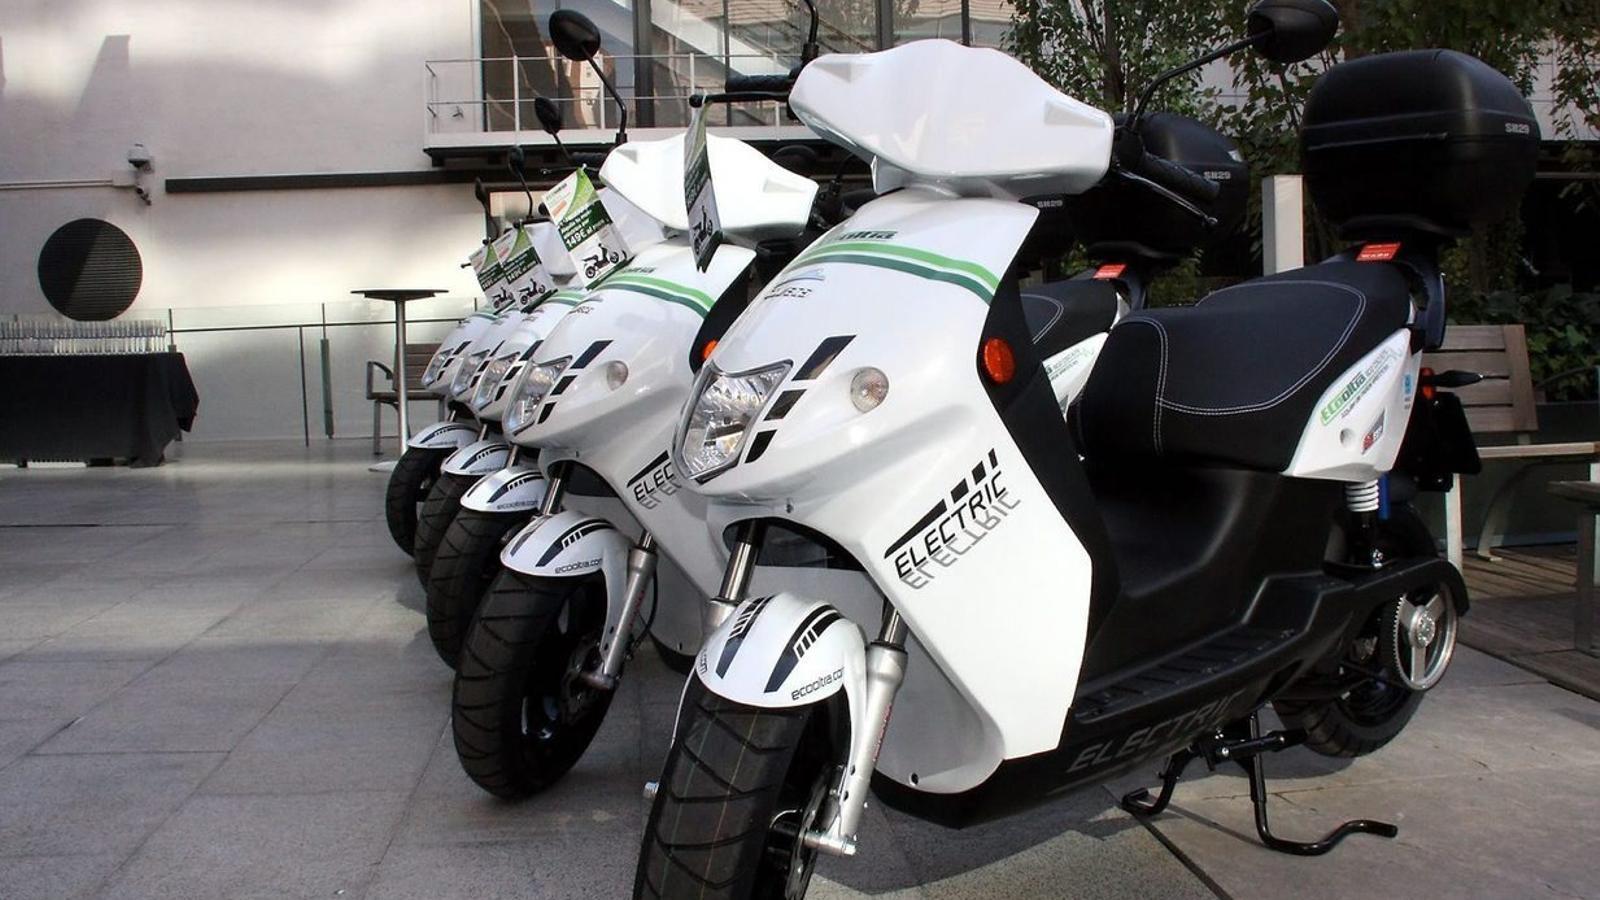 Barcelona podrà doblar les motos d'ús compartit